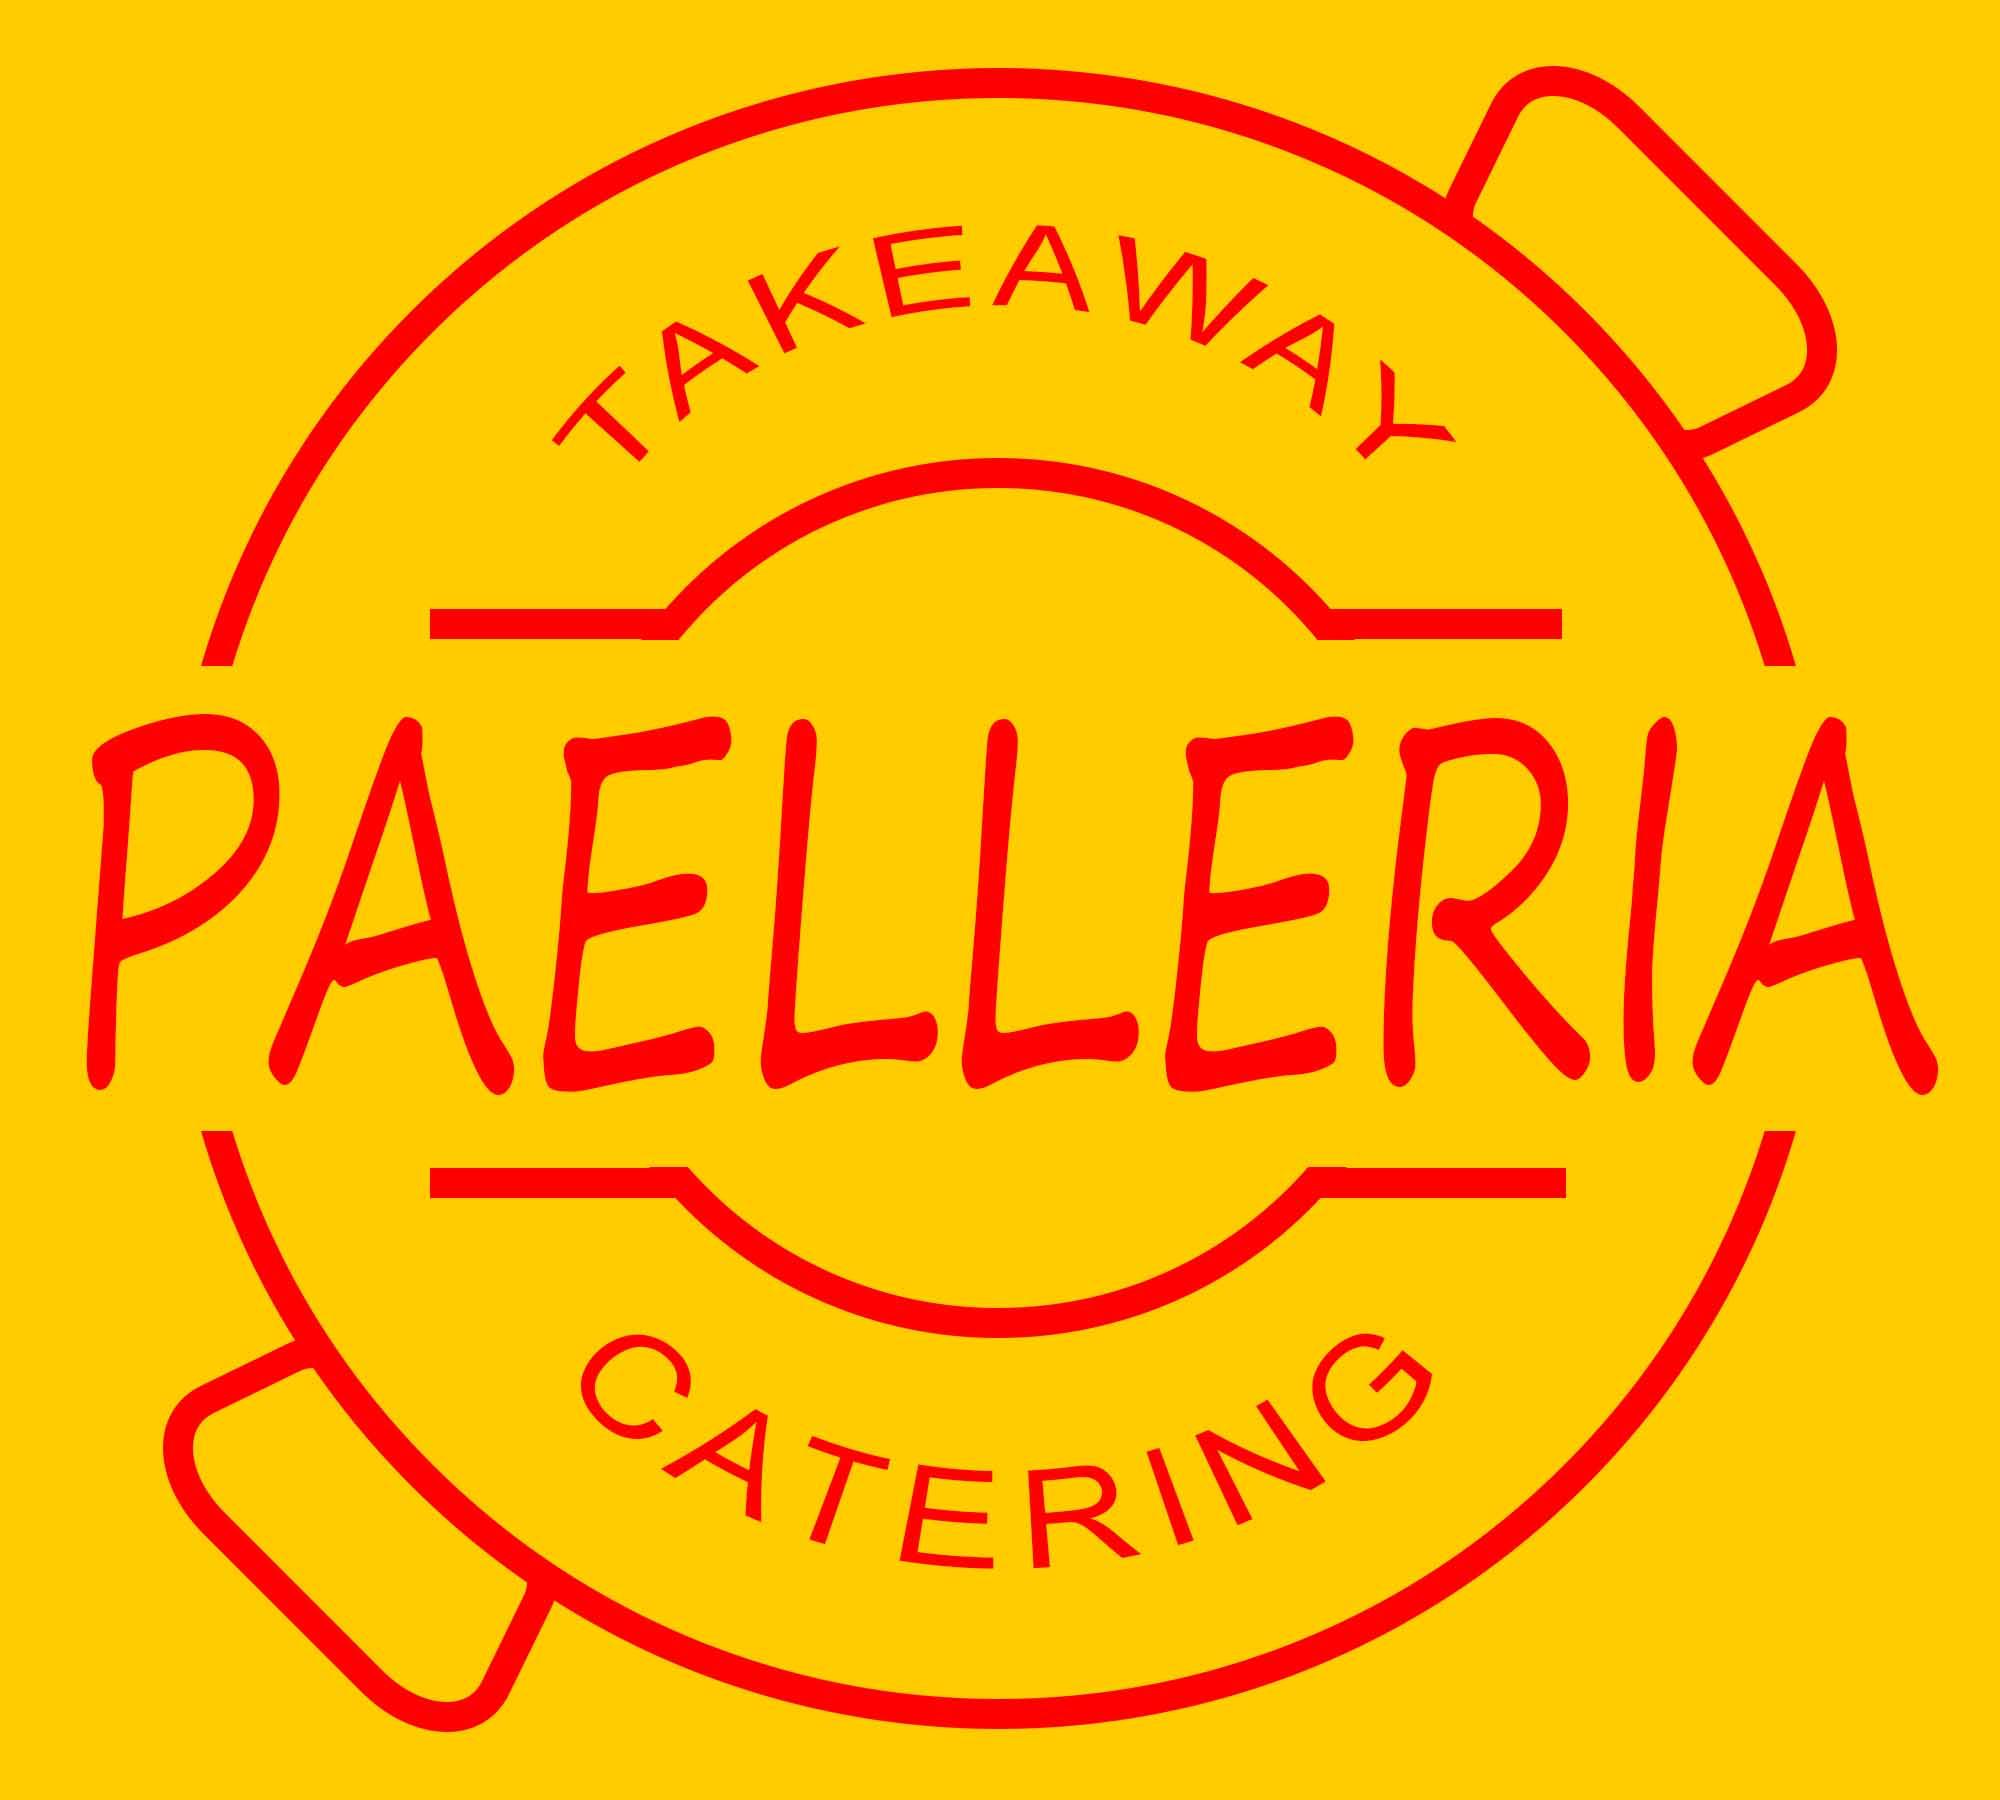 Paelleria